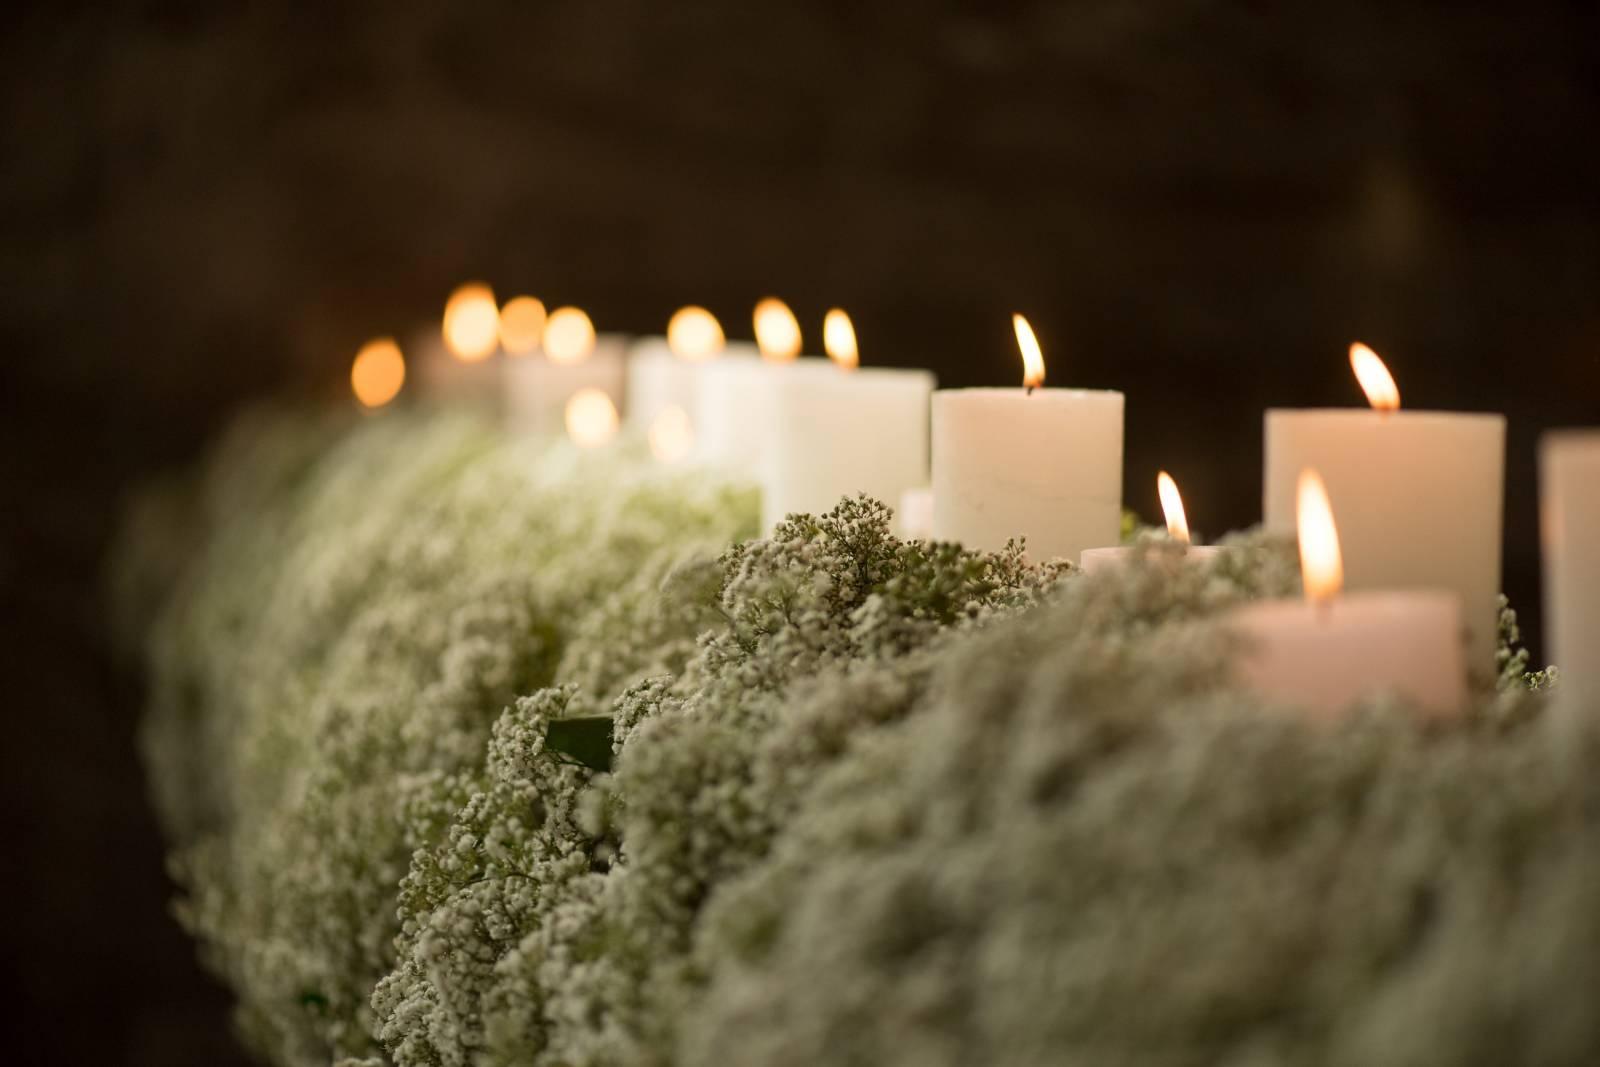 Chou Fleur - Bloemist - Fotograaf Studiovision Fotografie LiesbethDavid - House of Weddings (16) (Aangepast)